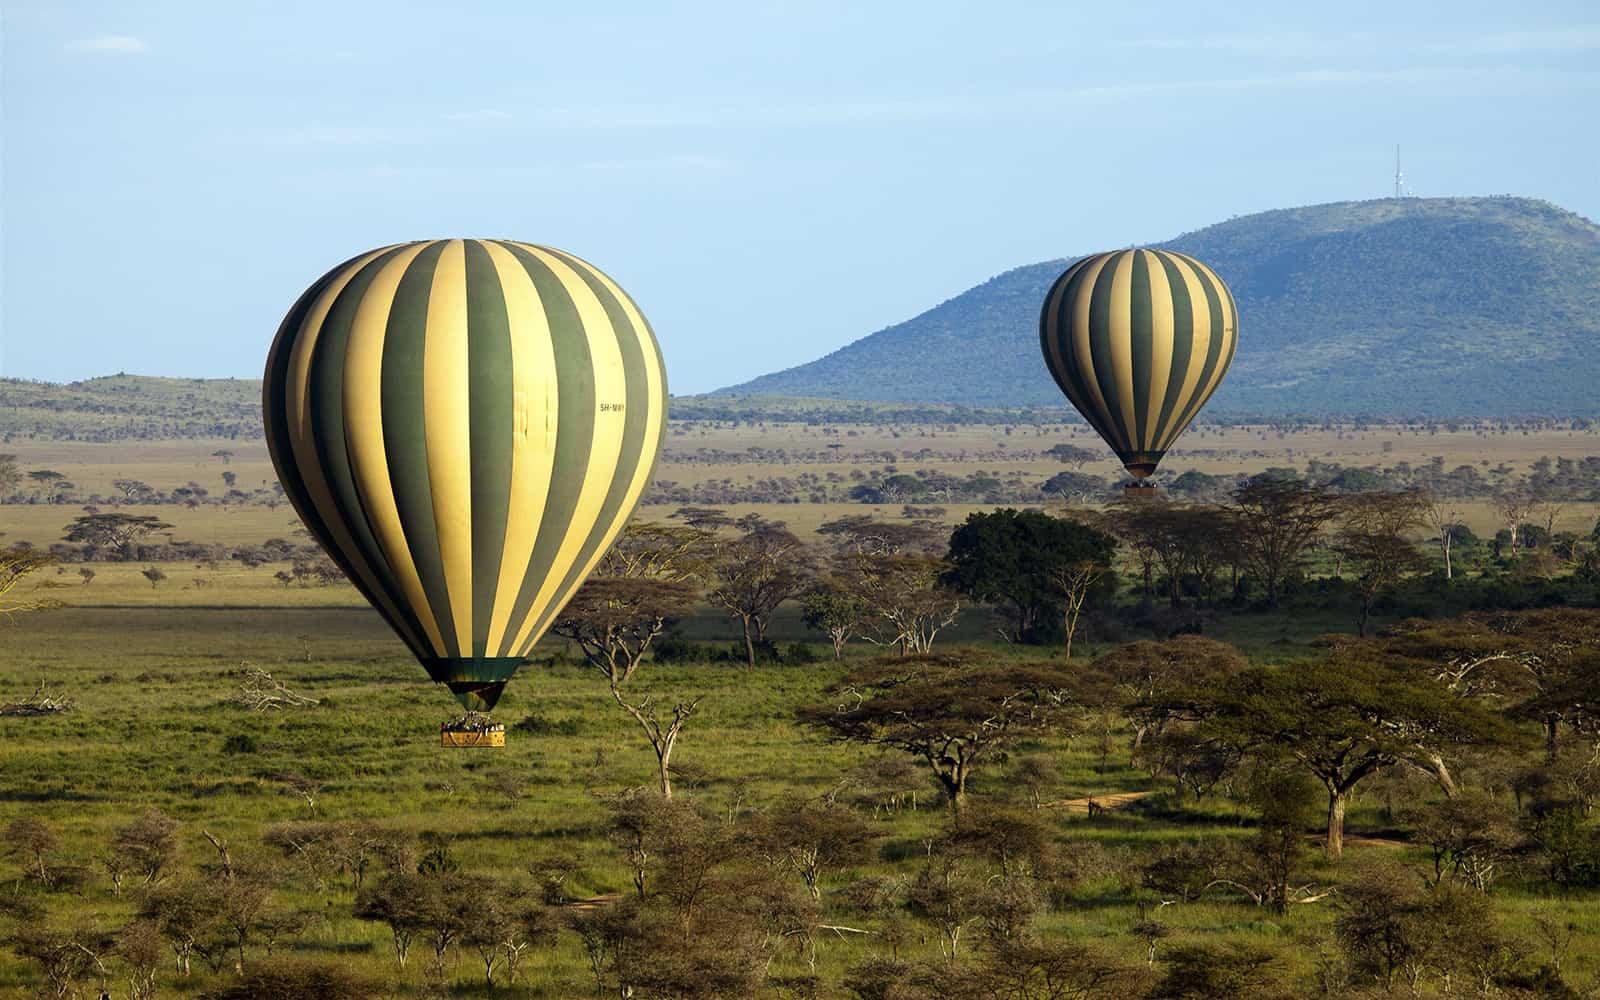 733884hotairballoonserengetitanzaniaeastafricaafrica